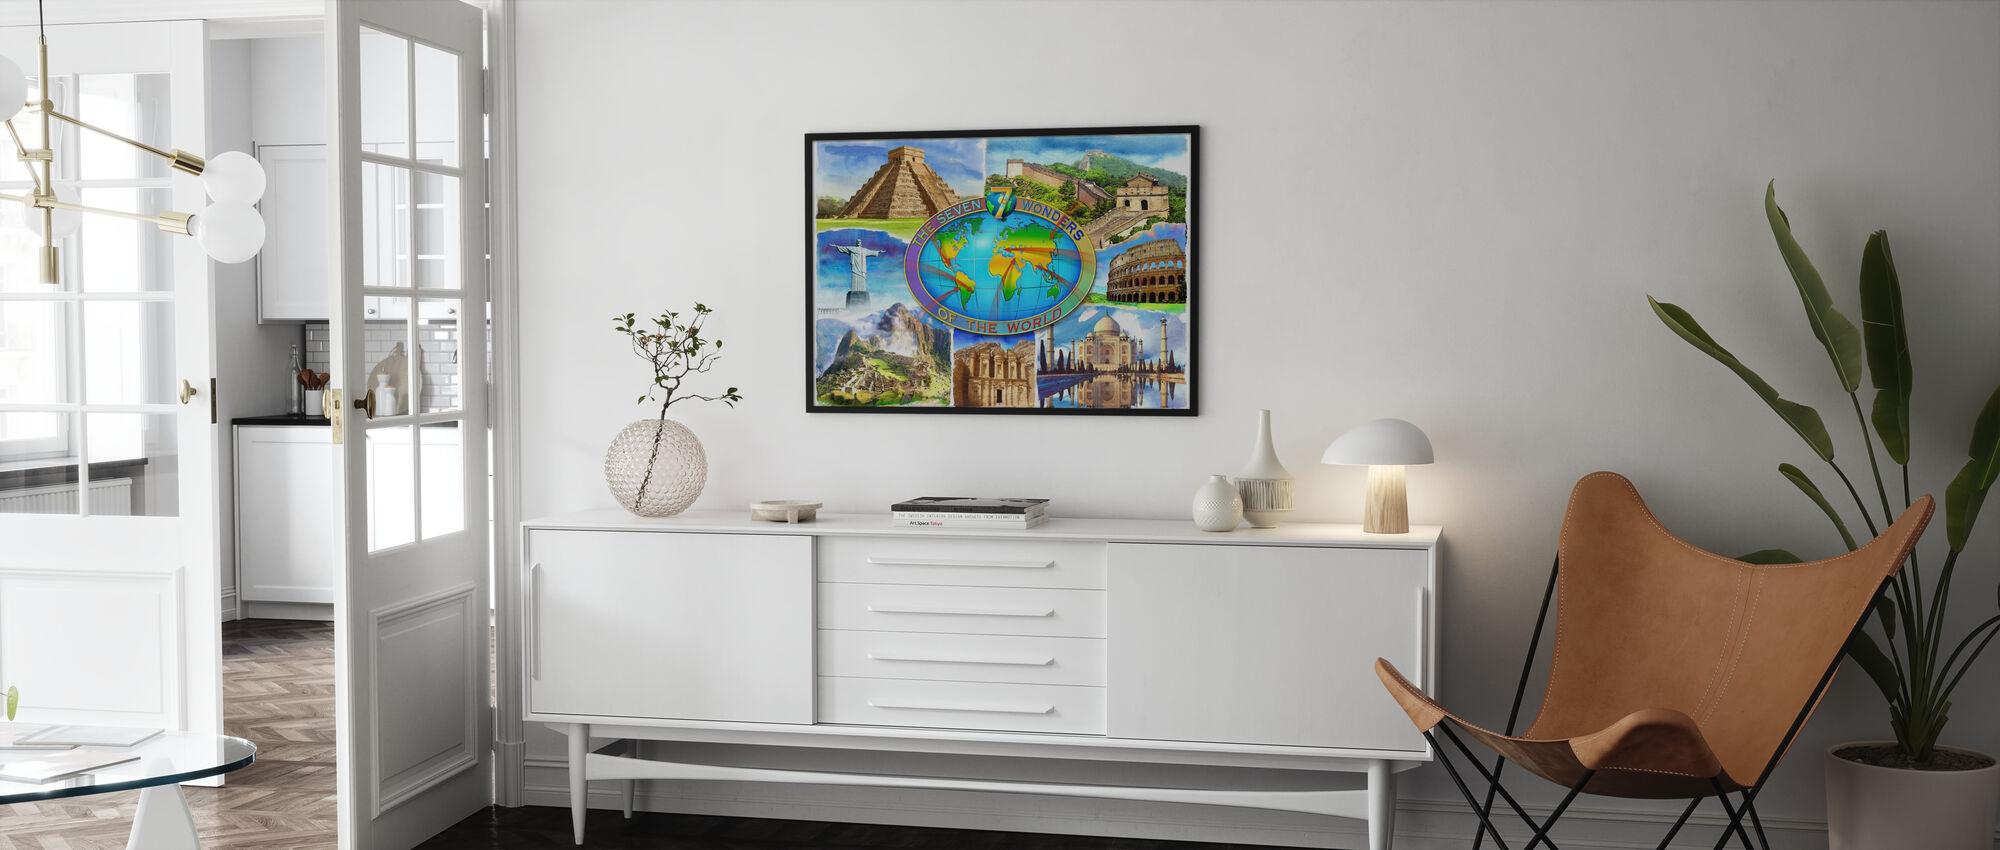 Sju underverk i världen - Inramad tavla - Vardagsrum